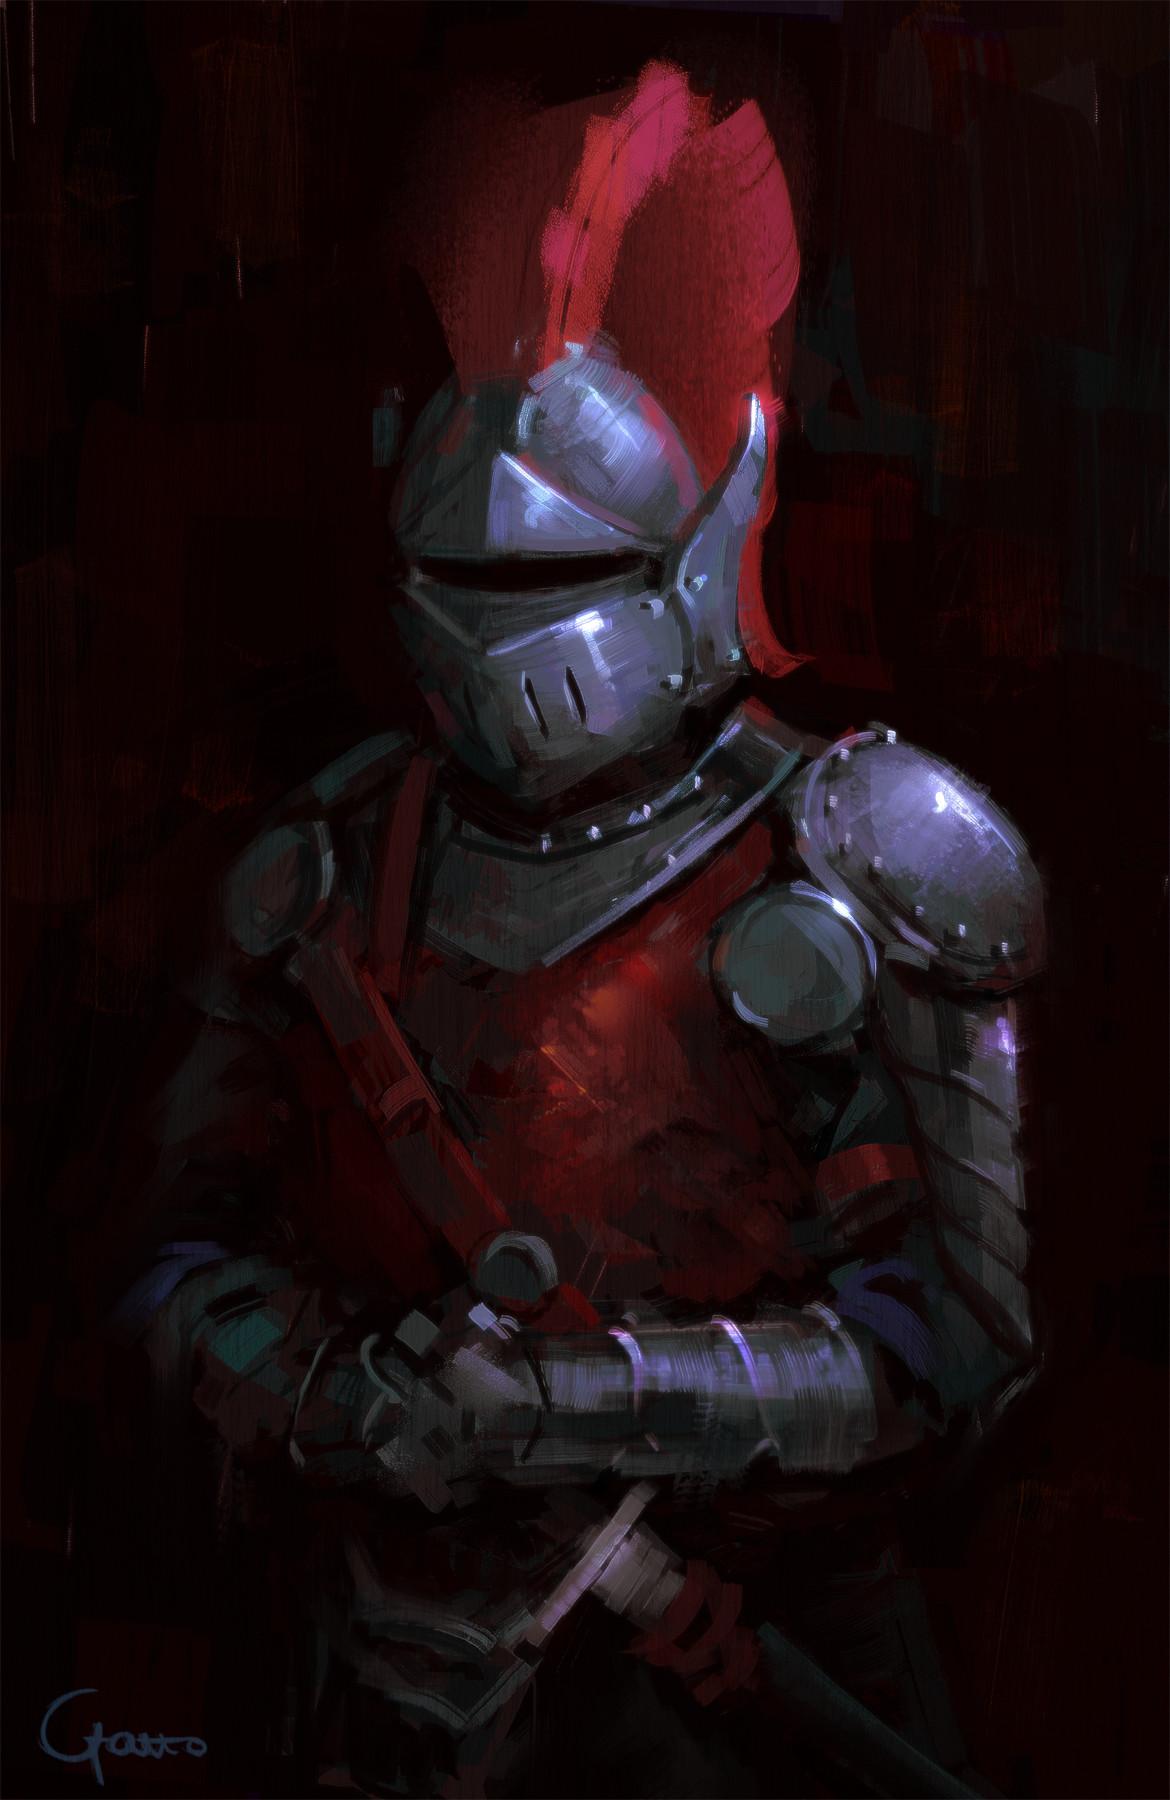 Roberto gatto knight